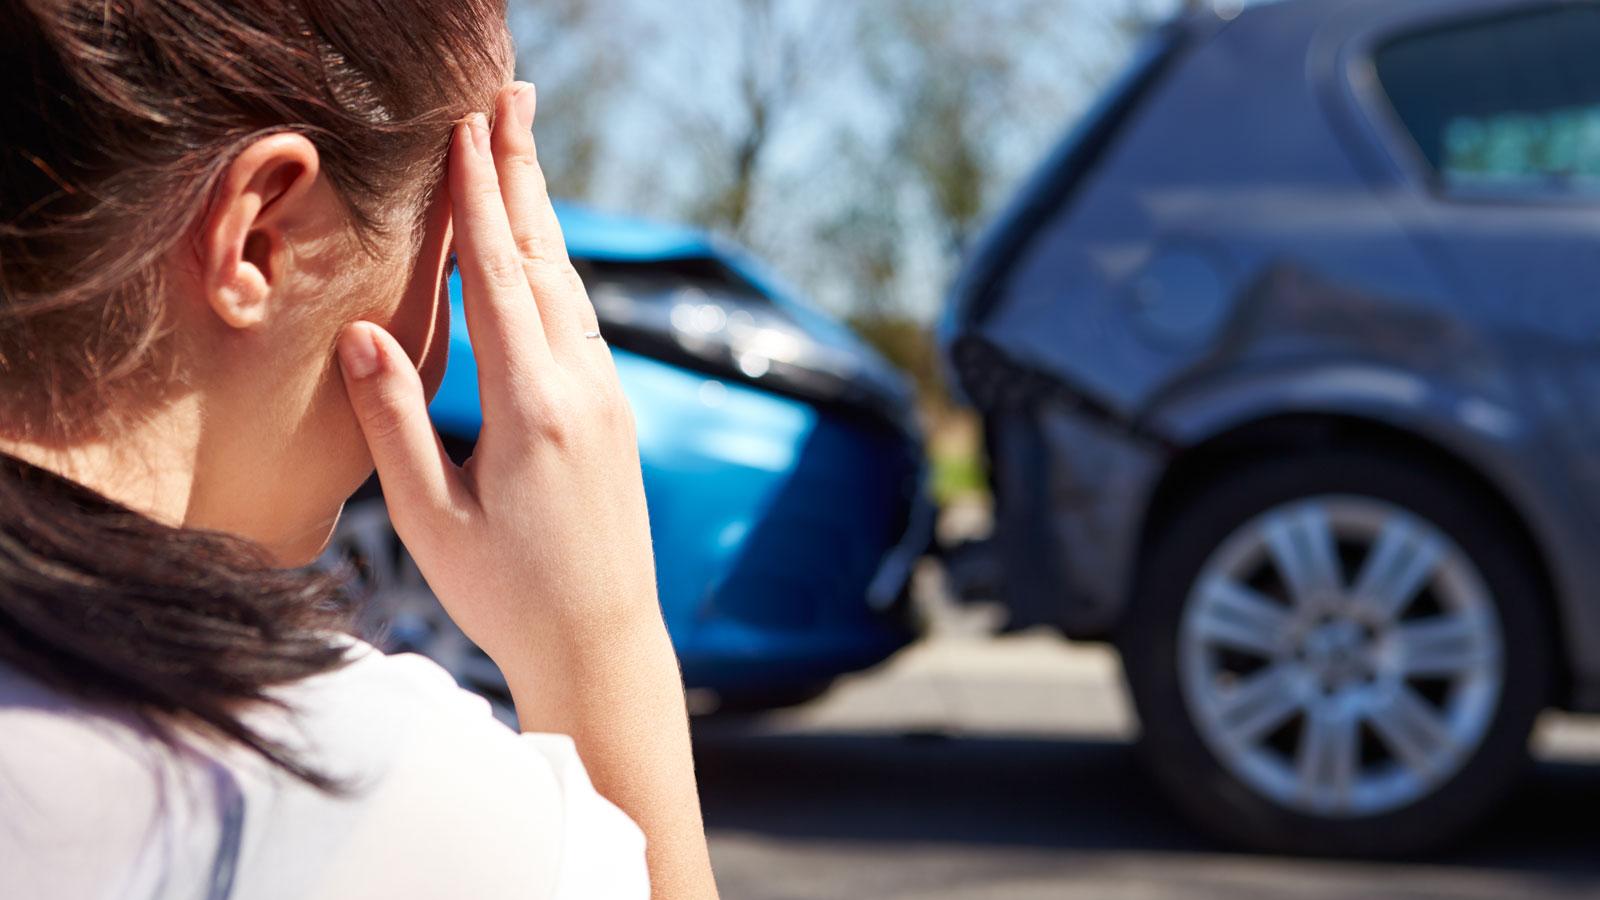 Чтобы получить ответы на вопрос, касающийся ответственности за ущерб при ДТП, несет собственник или водитель - не помешает обратиться к специалисту, разбирающемуся в законах. Ниже представлена актуальная информация по теме, владеть которой не помешает никому из водителей. Почему моральный вред возмещает владелец автомобиля? Автомобиль всегда считался источником повышенной опасности. Следовательно, за последствия, которые были нанесены посредством его участия, отвечает непосредственно владелец. Логичным является вопрос, кто отвечает за ДТП: водитель или собственник? Чтобы получить ответ, рассмотрим ситуацию. Предположим, вы являетесь владельцем транспортного средства, и ваш друг попросил на короткое время предоставить ему в пользование авто с целью осуществления загородной поездки. Так сложились обстоятельства, что во время движения был сбит пешеход на переходе. В подобной ситуации ответственность возлагается именно на автовладельца, но никак не на того, кто был за рулем. Такой закон предусмотрен для того, чтобы потерпевшей стороне было гарантировано возмещение морального ущерба. Дело в том, что у того, кто находился за рулем, могут отсутствовать денежные запасы, а вот у владельца транспортного средства, который смог его приобрести, наверняка финансовые возможности больше. Даже если это не так, взыскание, в случае подачи иска на возмещение морального ущерба потерпевшей стороной может быть обращено на автомобиль. Ответ на вопрос, кто возмещает моральный ущерб ДТП: собственник или водитель - очевиден. Действительно ли владельцу нужно платить независимо от вины водителя? Этот вопрос интересует людей не меньше, чем первый. В качестве примера хотелось бы взять один случай из судебной практики. Водитель взял у своего друга автомобиль, и так сложилось, что в темное время суток совершил наезд на внезапно выбежавшего на дорогу пешехода. Причиной тому оказался припаркованный на обочине автомобиль, ограничивший угол обзора дорожного полотна. В процессе следствия был установлен 